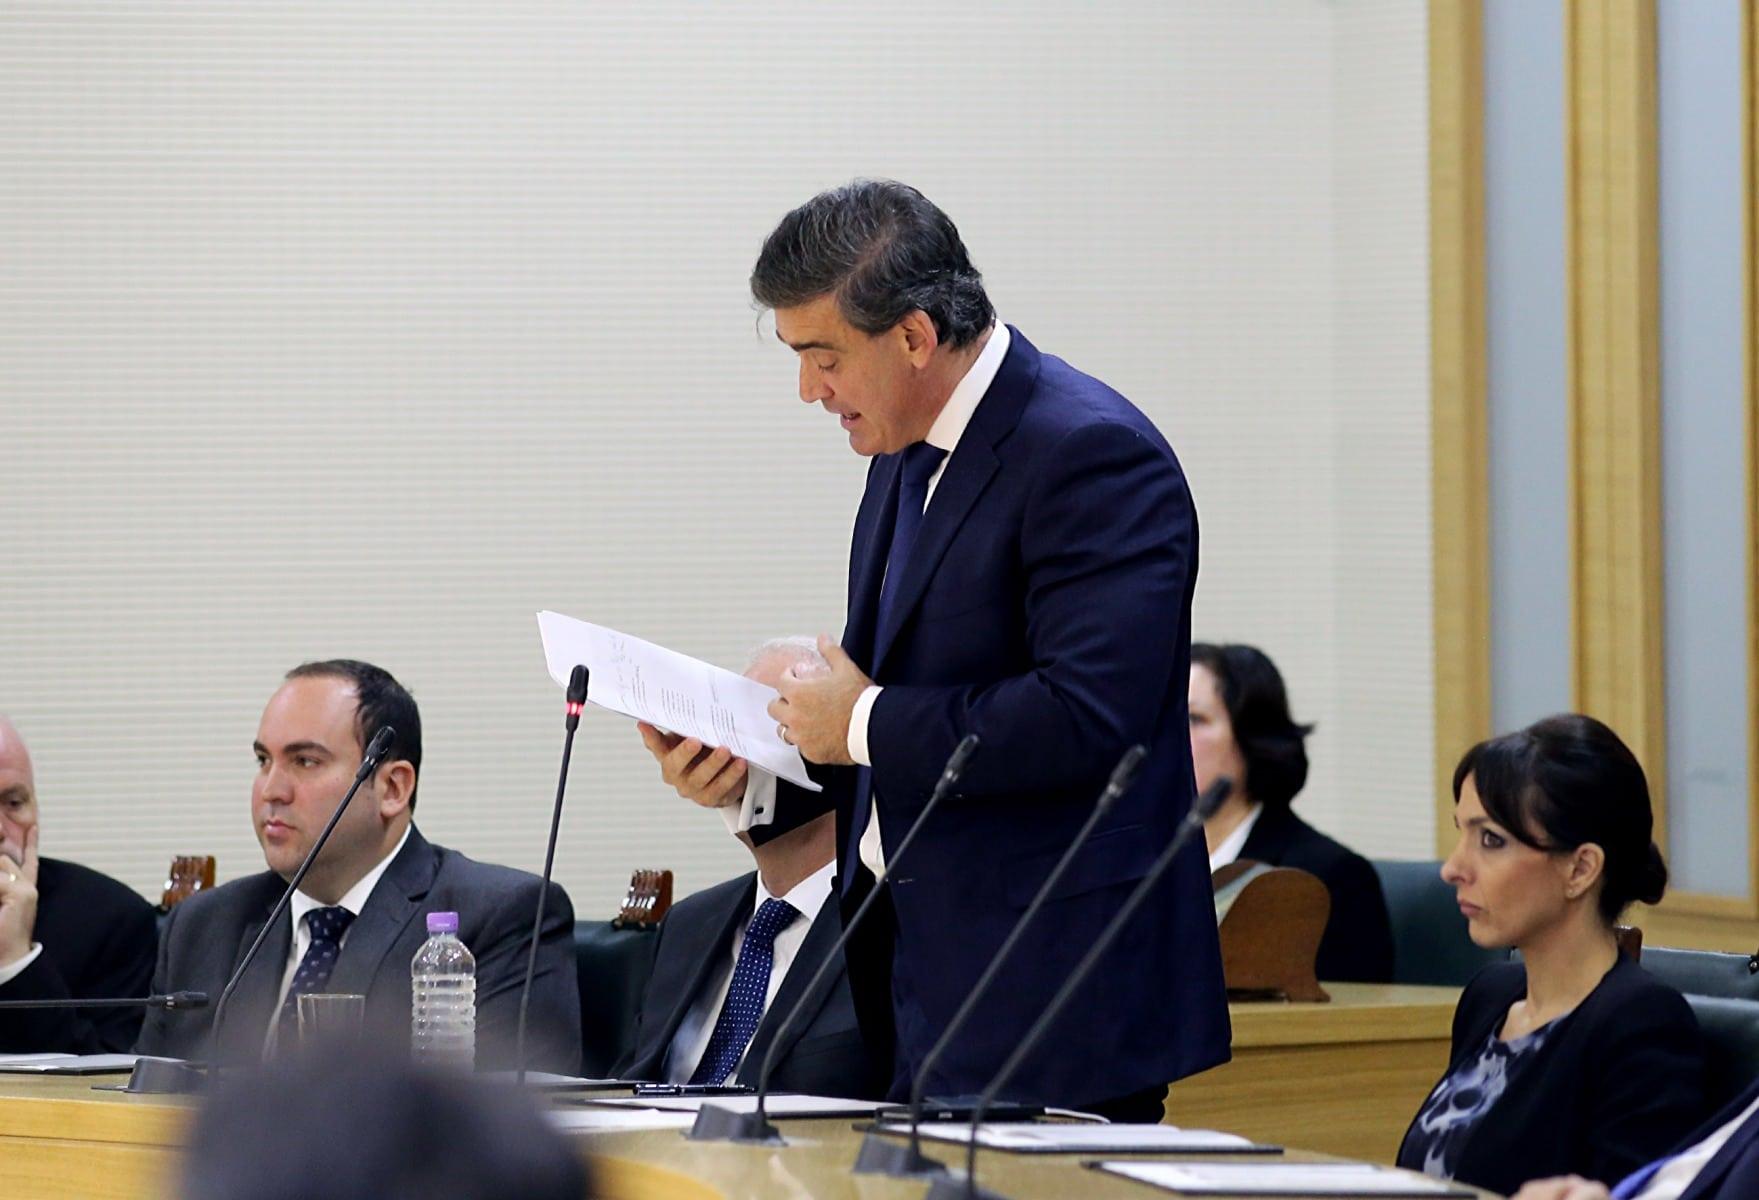 9-de-diciembre-de-2015-ceremonia-inaugural-del-nuevo-parlamento-de-gibraltar_23005920844_o